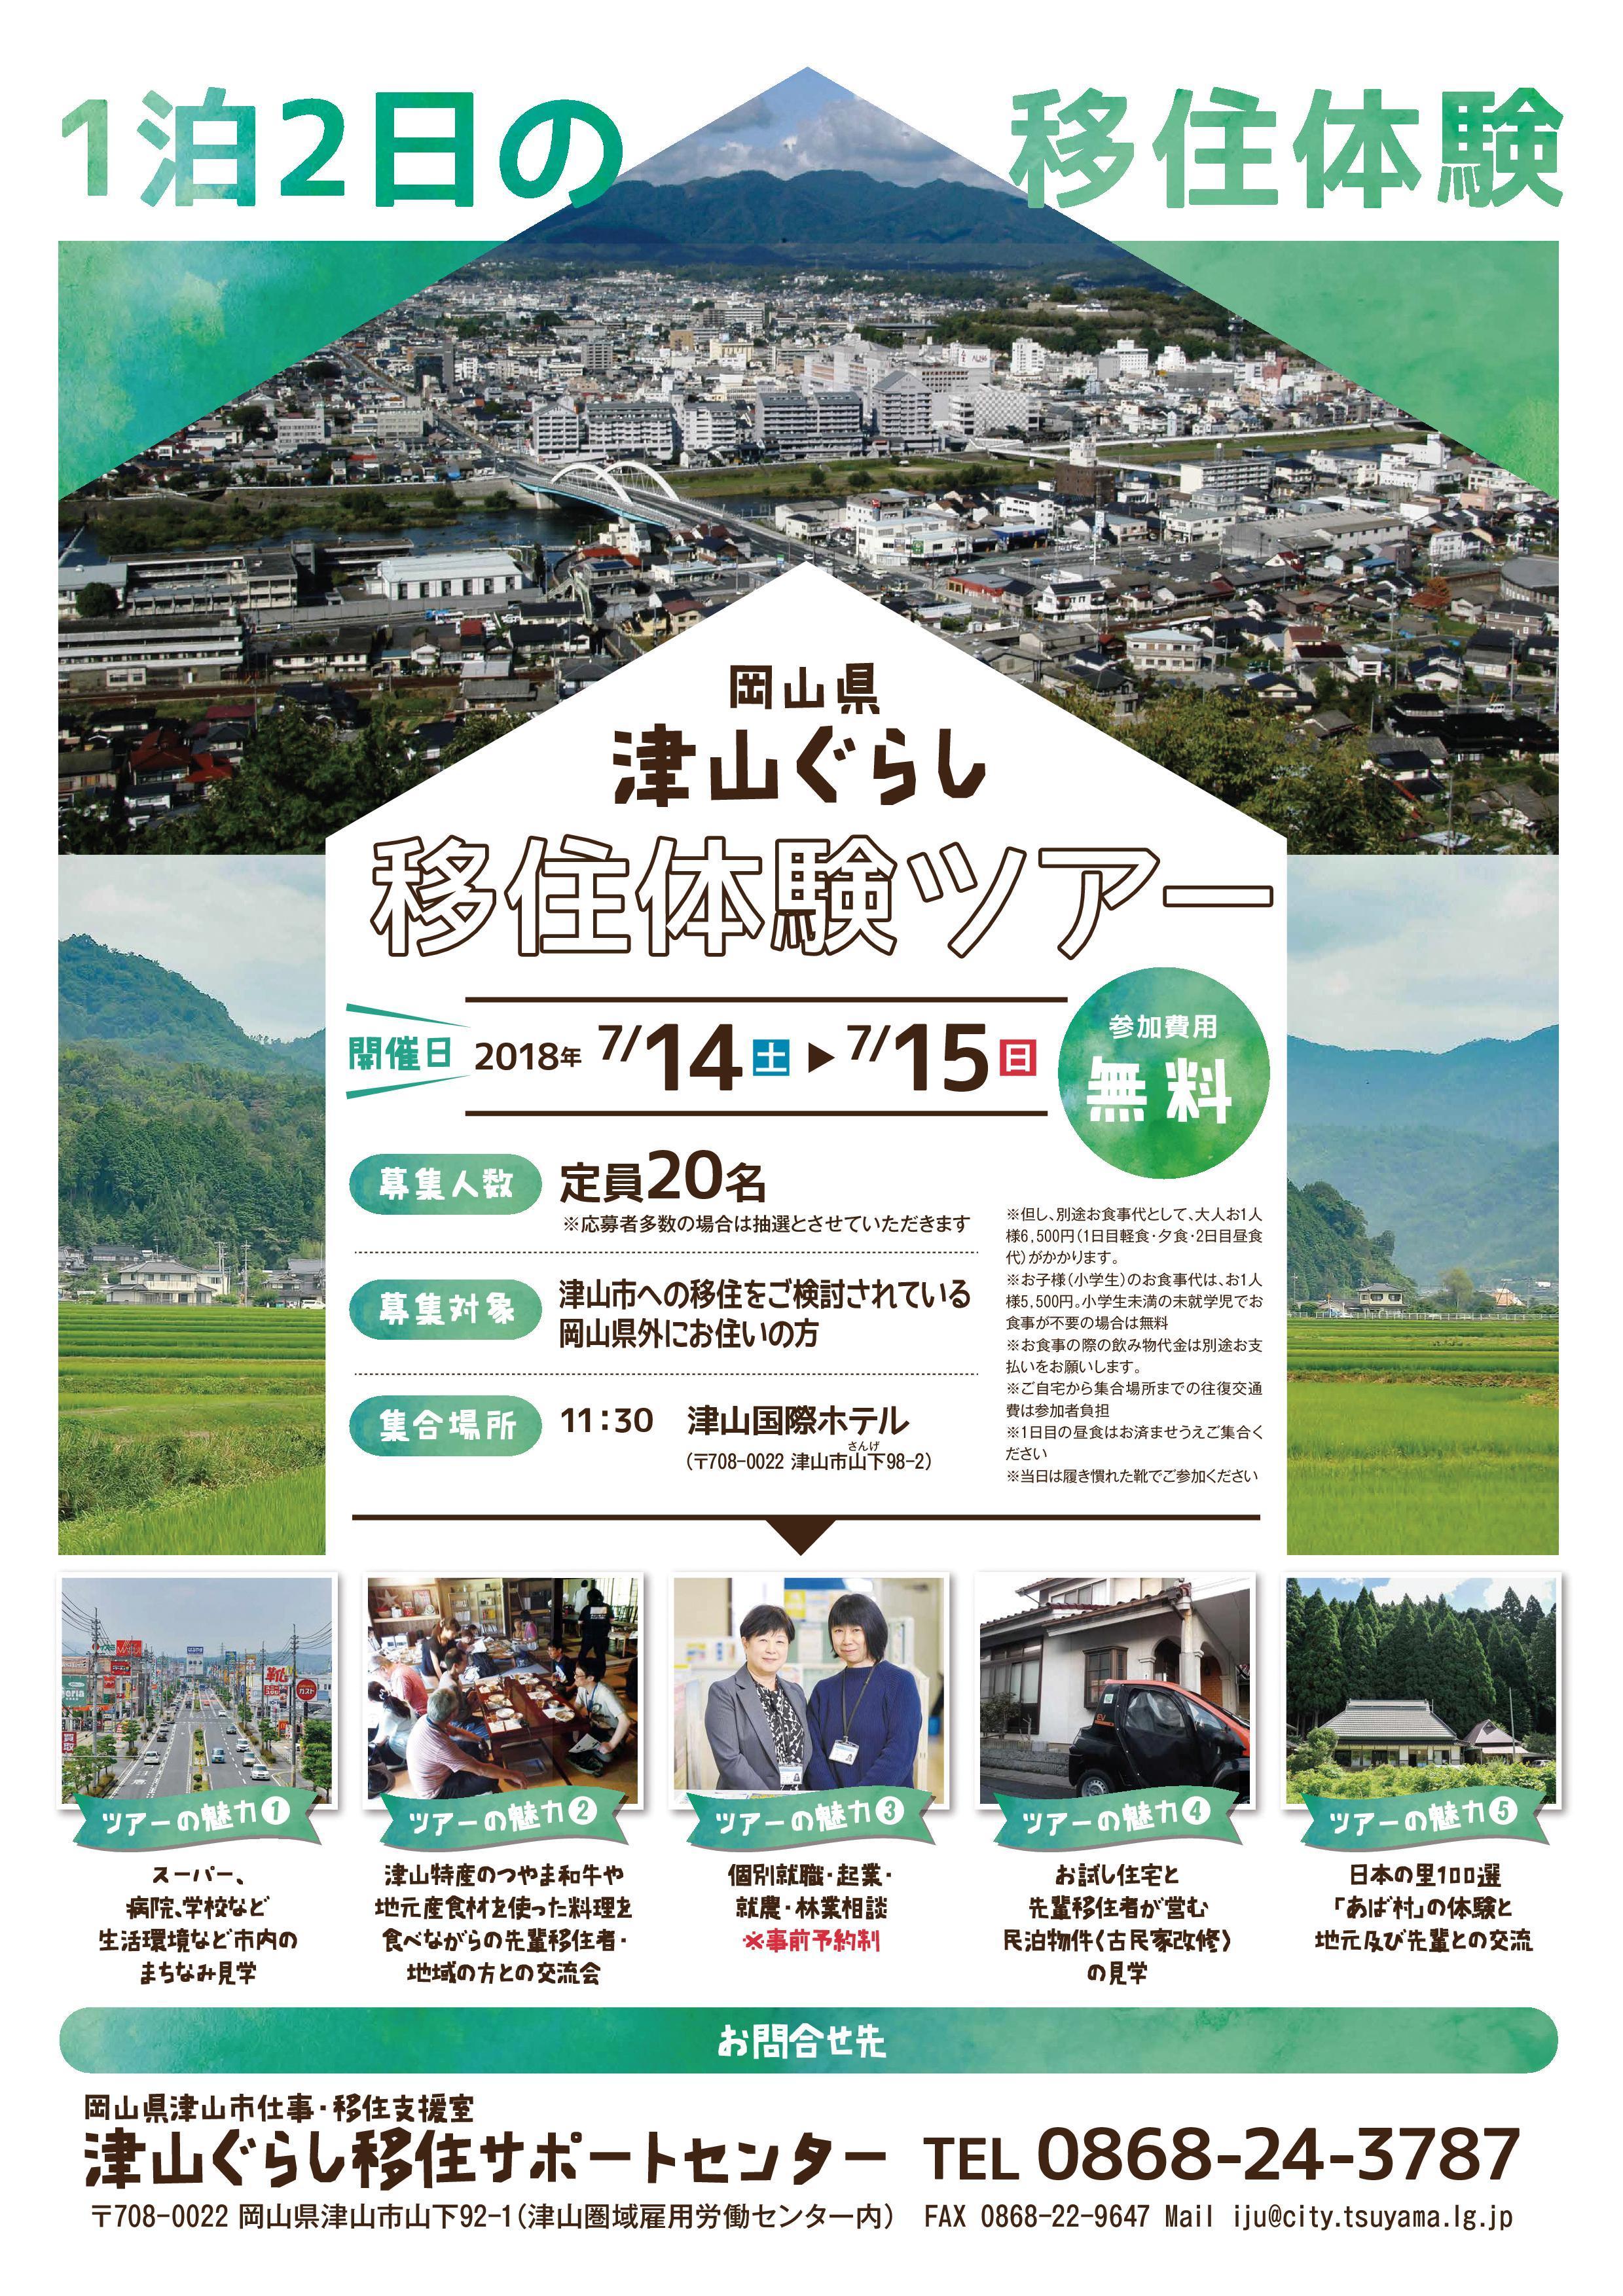 2018年7月14日(土)~7月15日(日)津山ぐらし移住体験ツアー開催のお知らせ